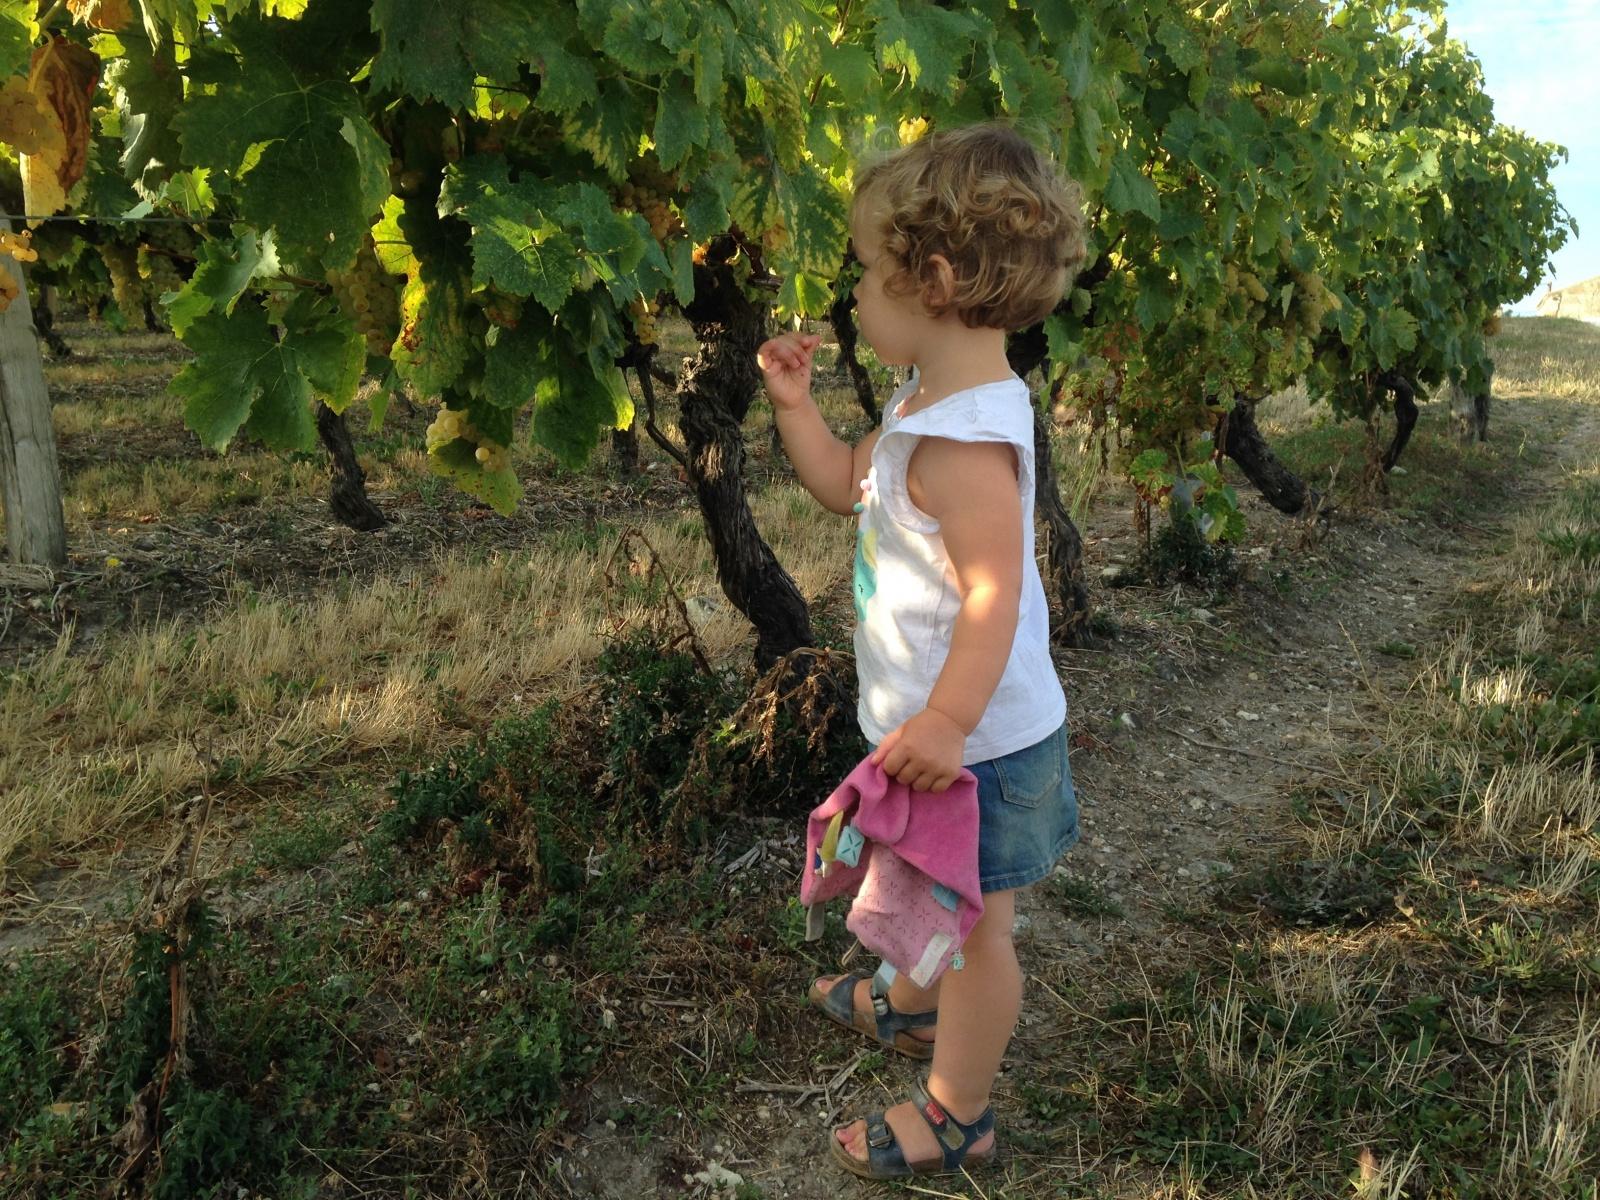 Druiven proeven Charente Martitime Le Petit Chenac vakantiehuisjes__1540894127_176.164.201.224